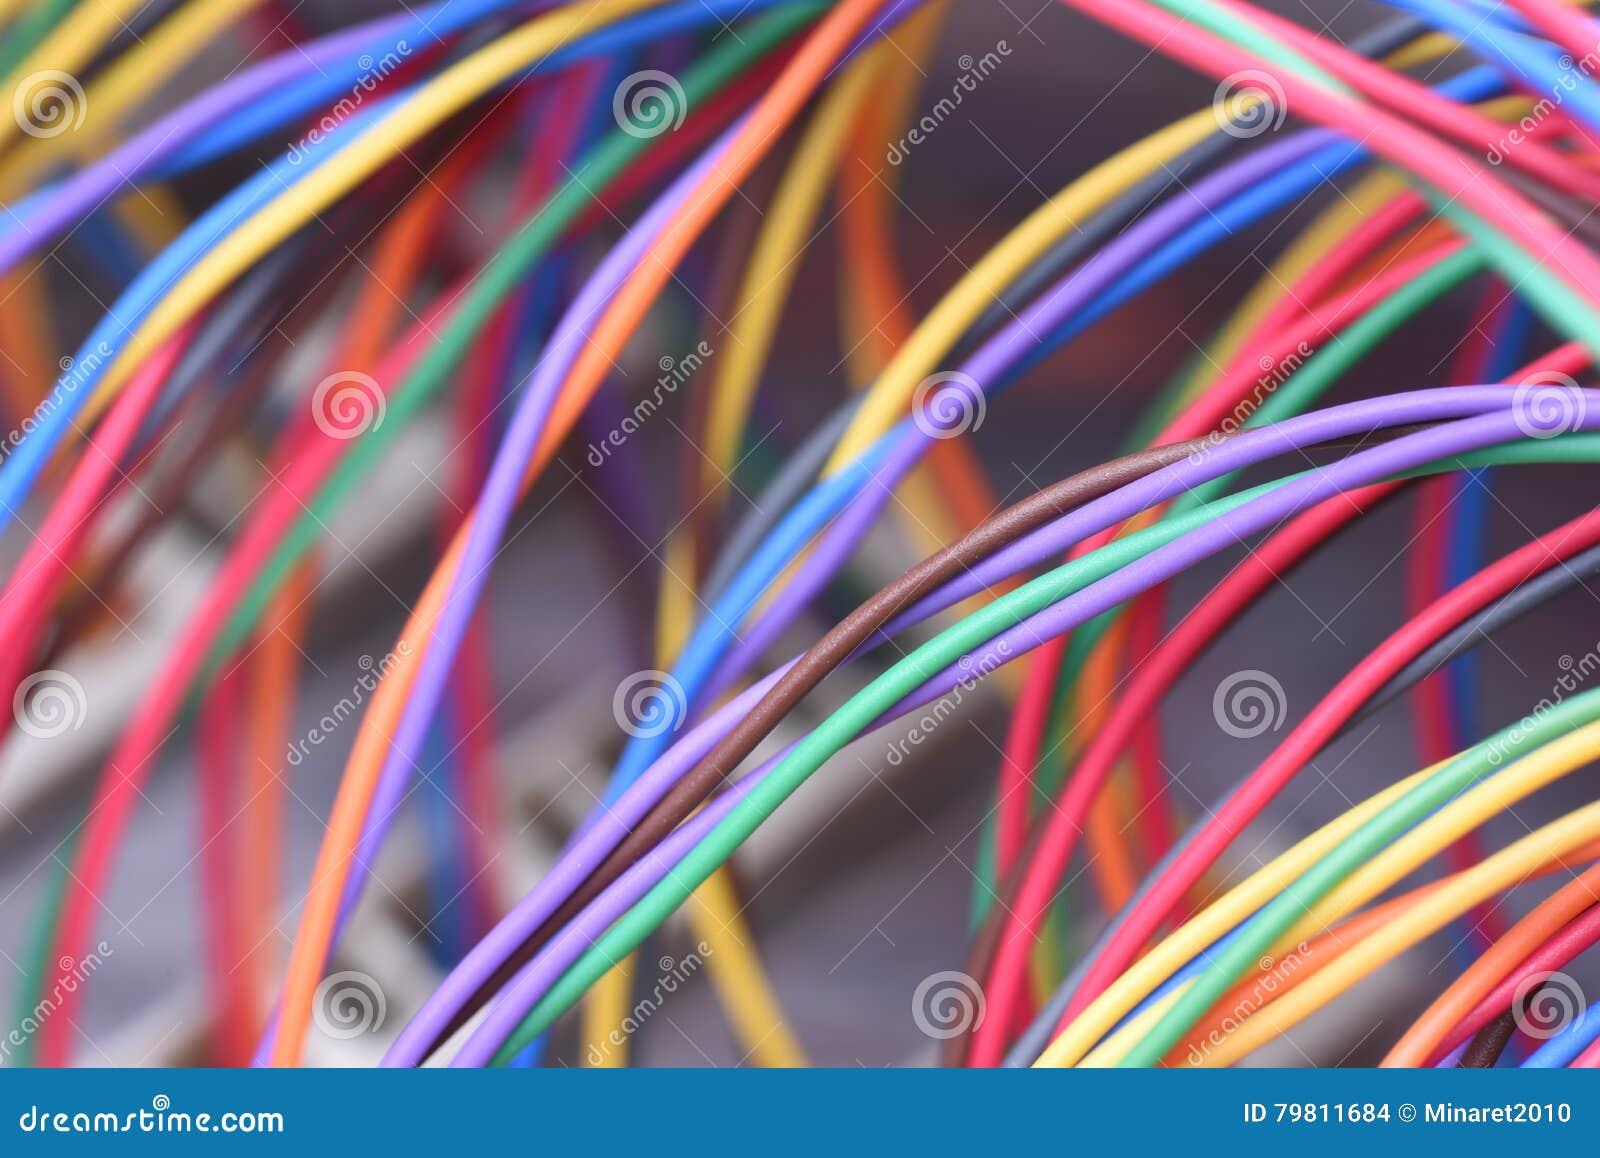 Ziemlich Elektrischer Draht Und Kabel Zeitgenössisch - Schaltplan ...